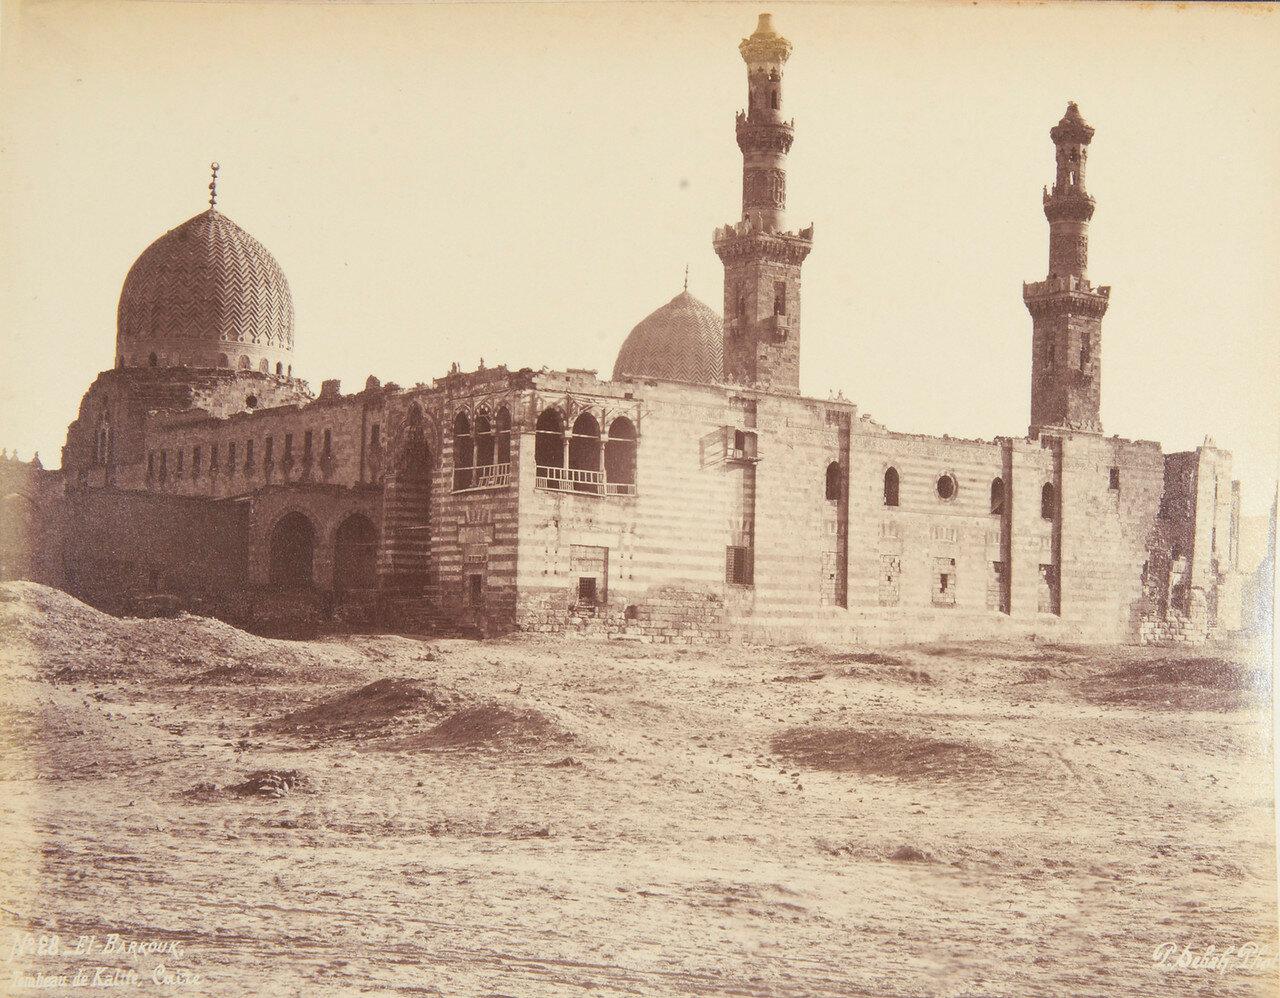 Каир. Мечеть Султана Баркук Калауна и Гробницы халифов